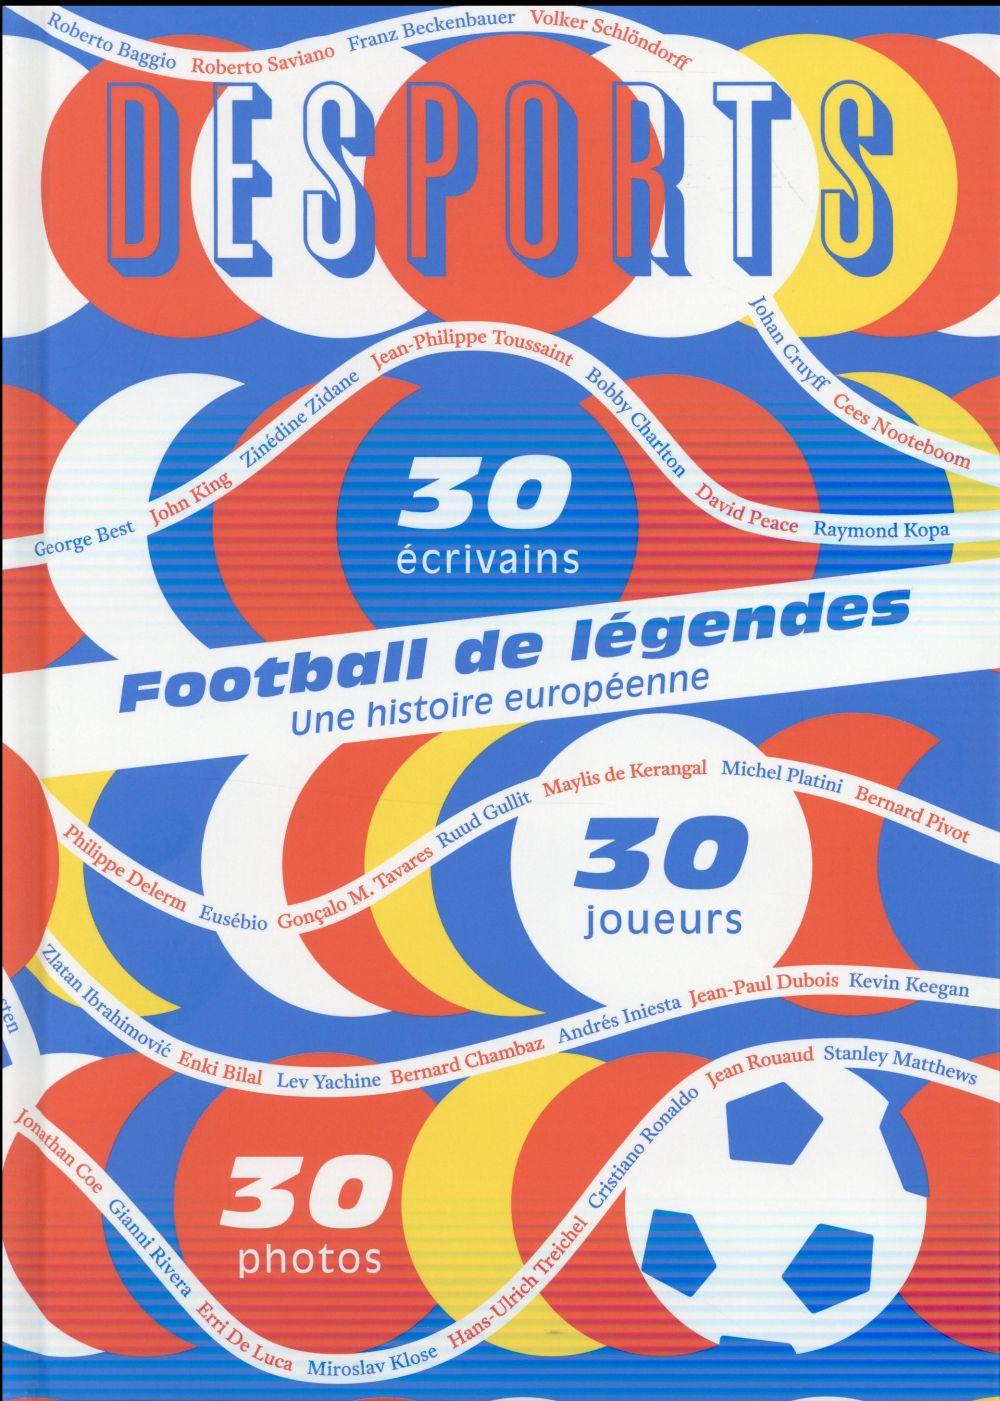 DESPORTS ; football de légendes, une histoire européenne ; 30 joueurs, 30 écrivains, 30 photos